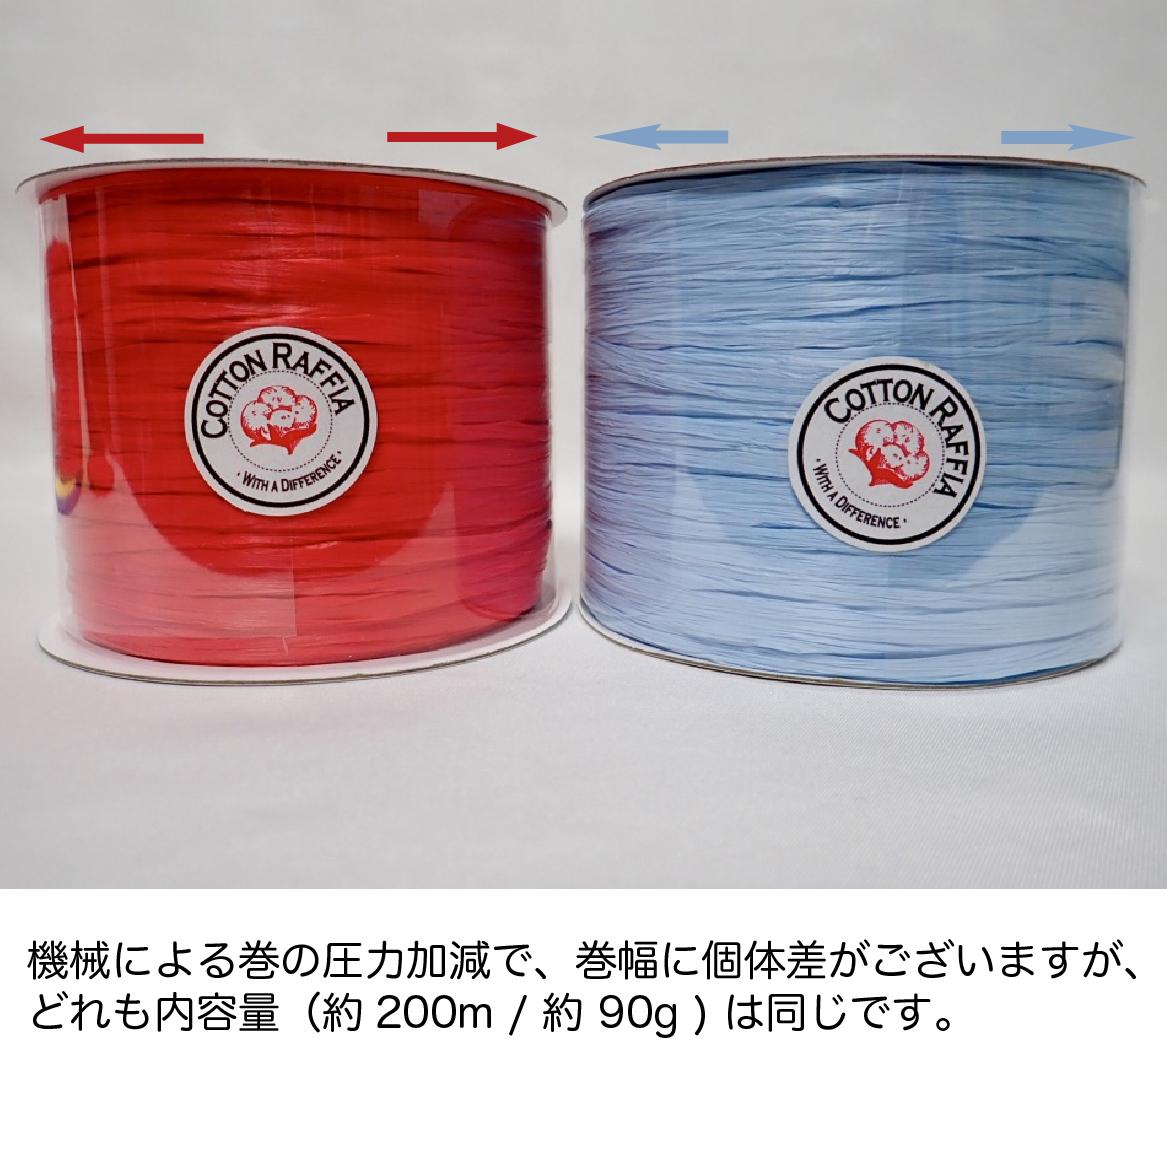 【編み物 初心者 おすすめ キット】 プチサック・ショルダーキット カラー:グレー Designed by Hanayuri